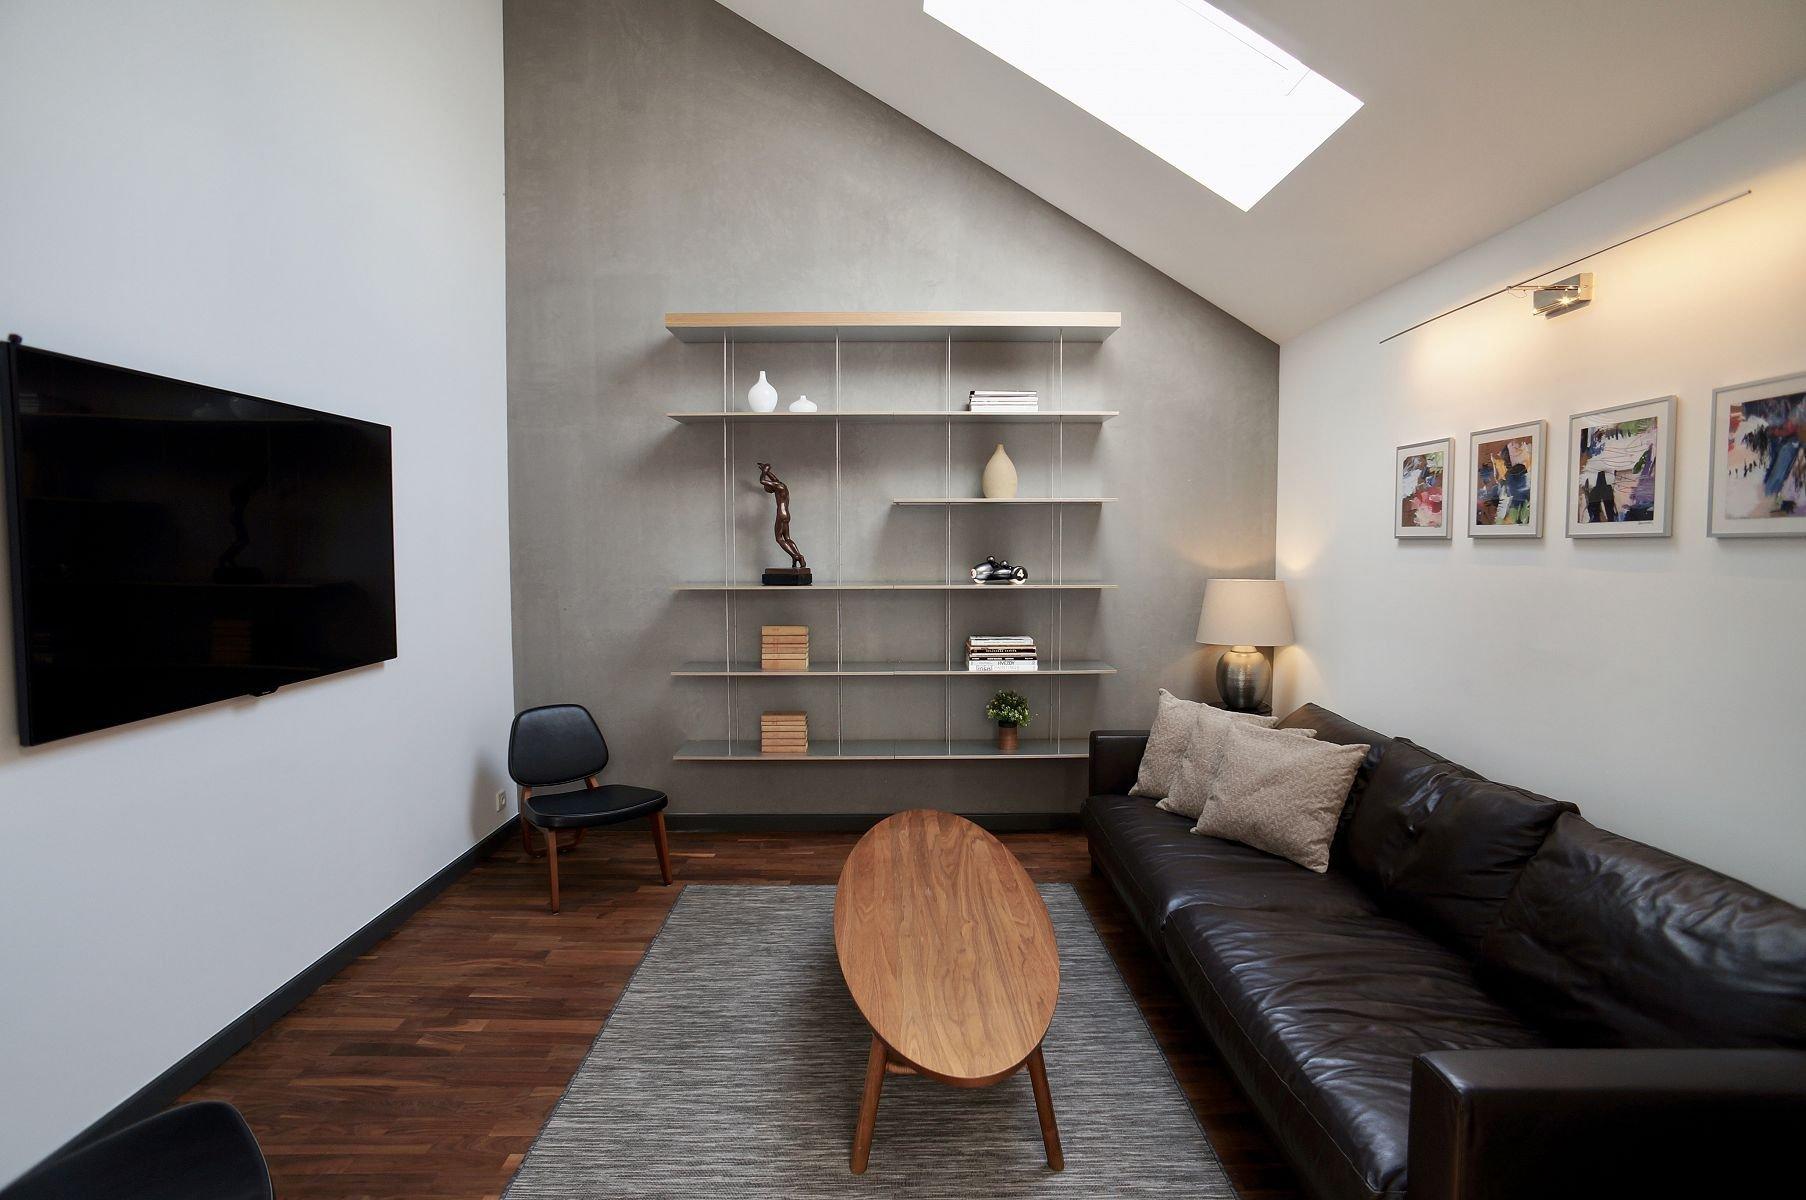 Interiér bytu na pražských Vinohradech je důkazem, že i české bydlení může vypadat světově. Tento byt nacházející se na dvou nejvyšších podlažích činžovního domu se dvěma terasami vás o tom přesvědčí.